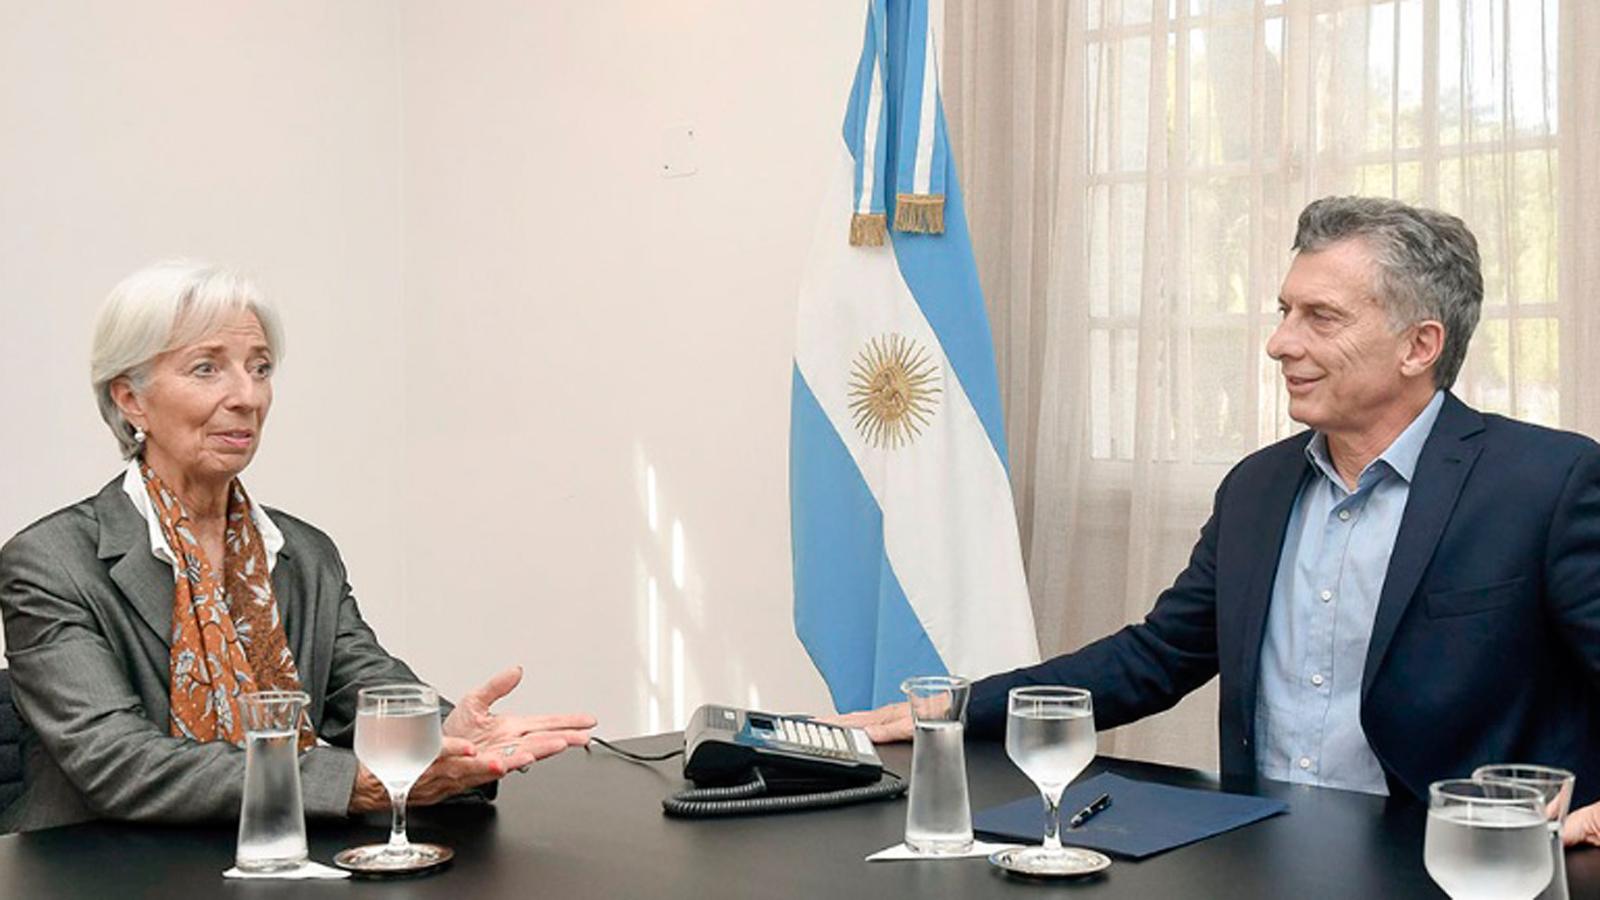 Macri busca el aval de Urtubey frente al FMI - Actualidad